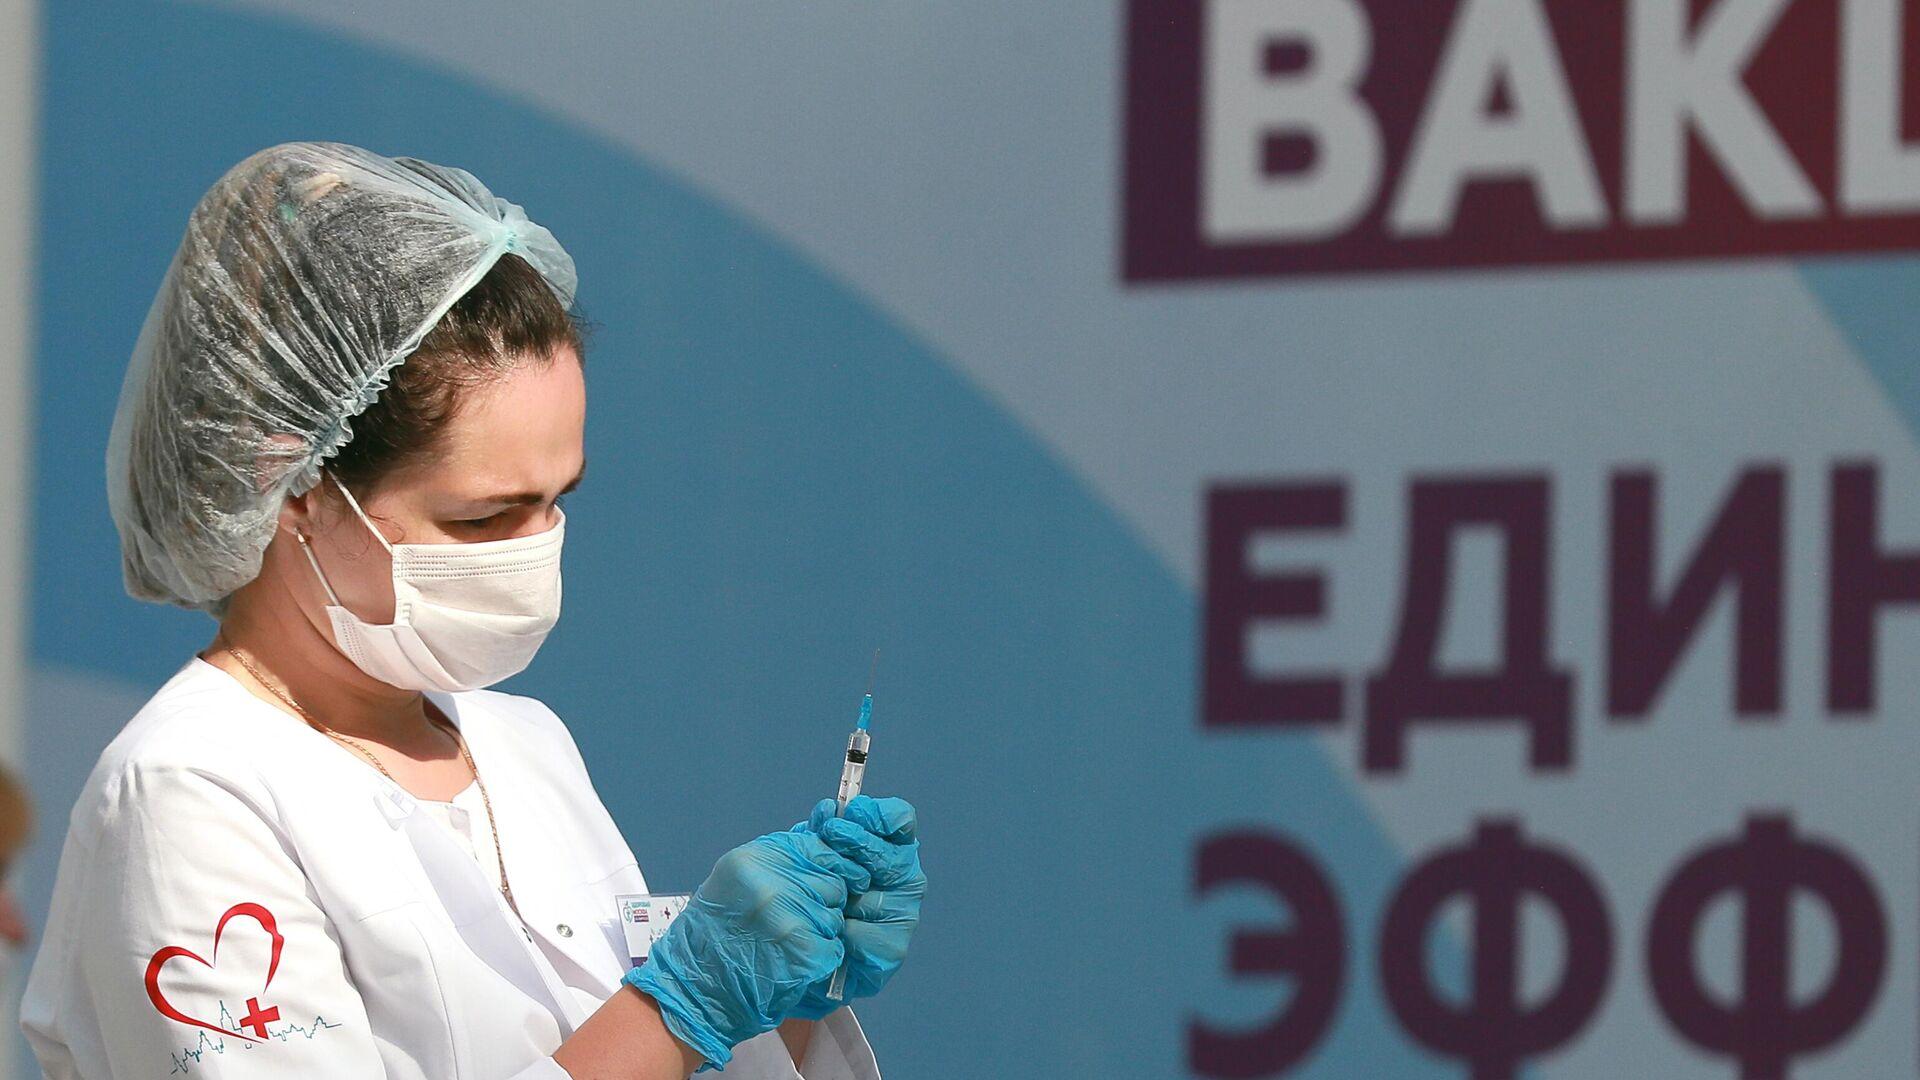 Медицинский работник держит в руках шприц с вакциной Гам-Ковид-Вак (Спутник V)  - РИА Новости, 1920, 14.07.2021